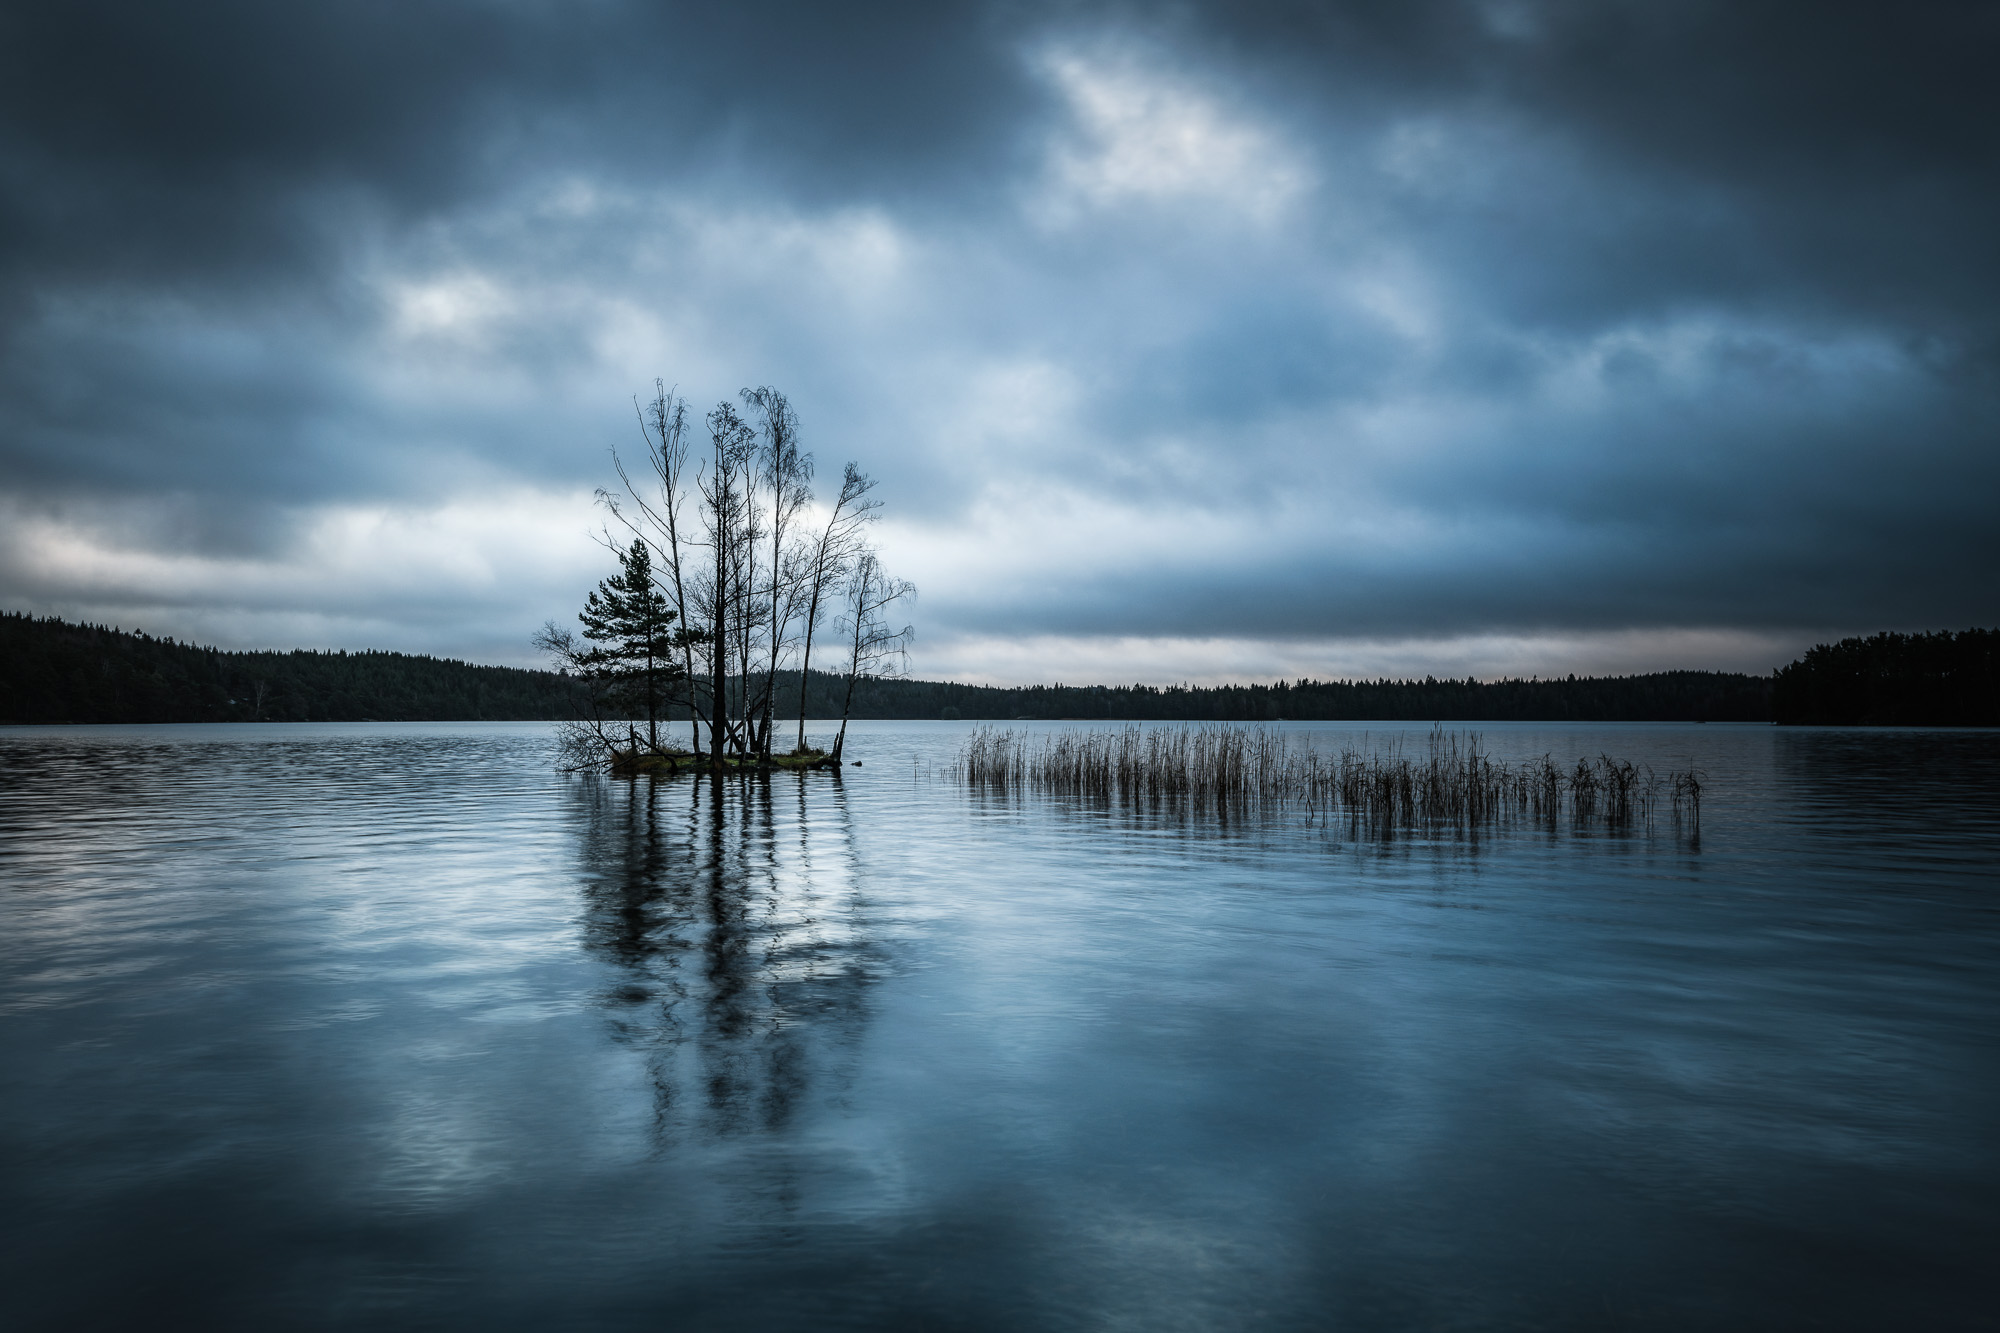 Finnsjön, Härryda kommun